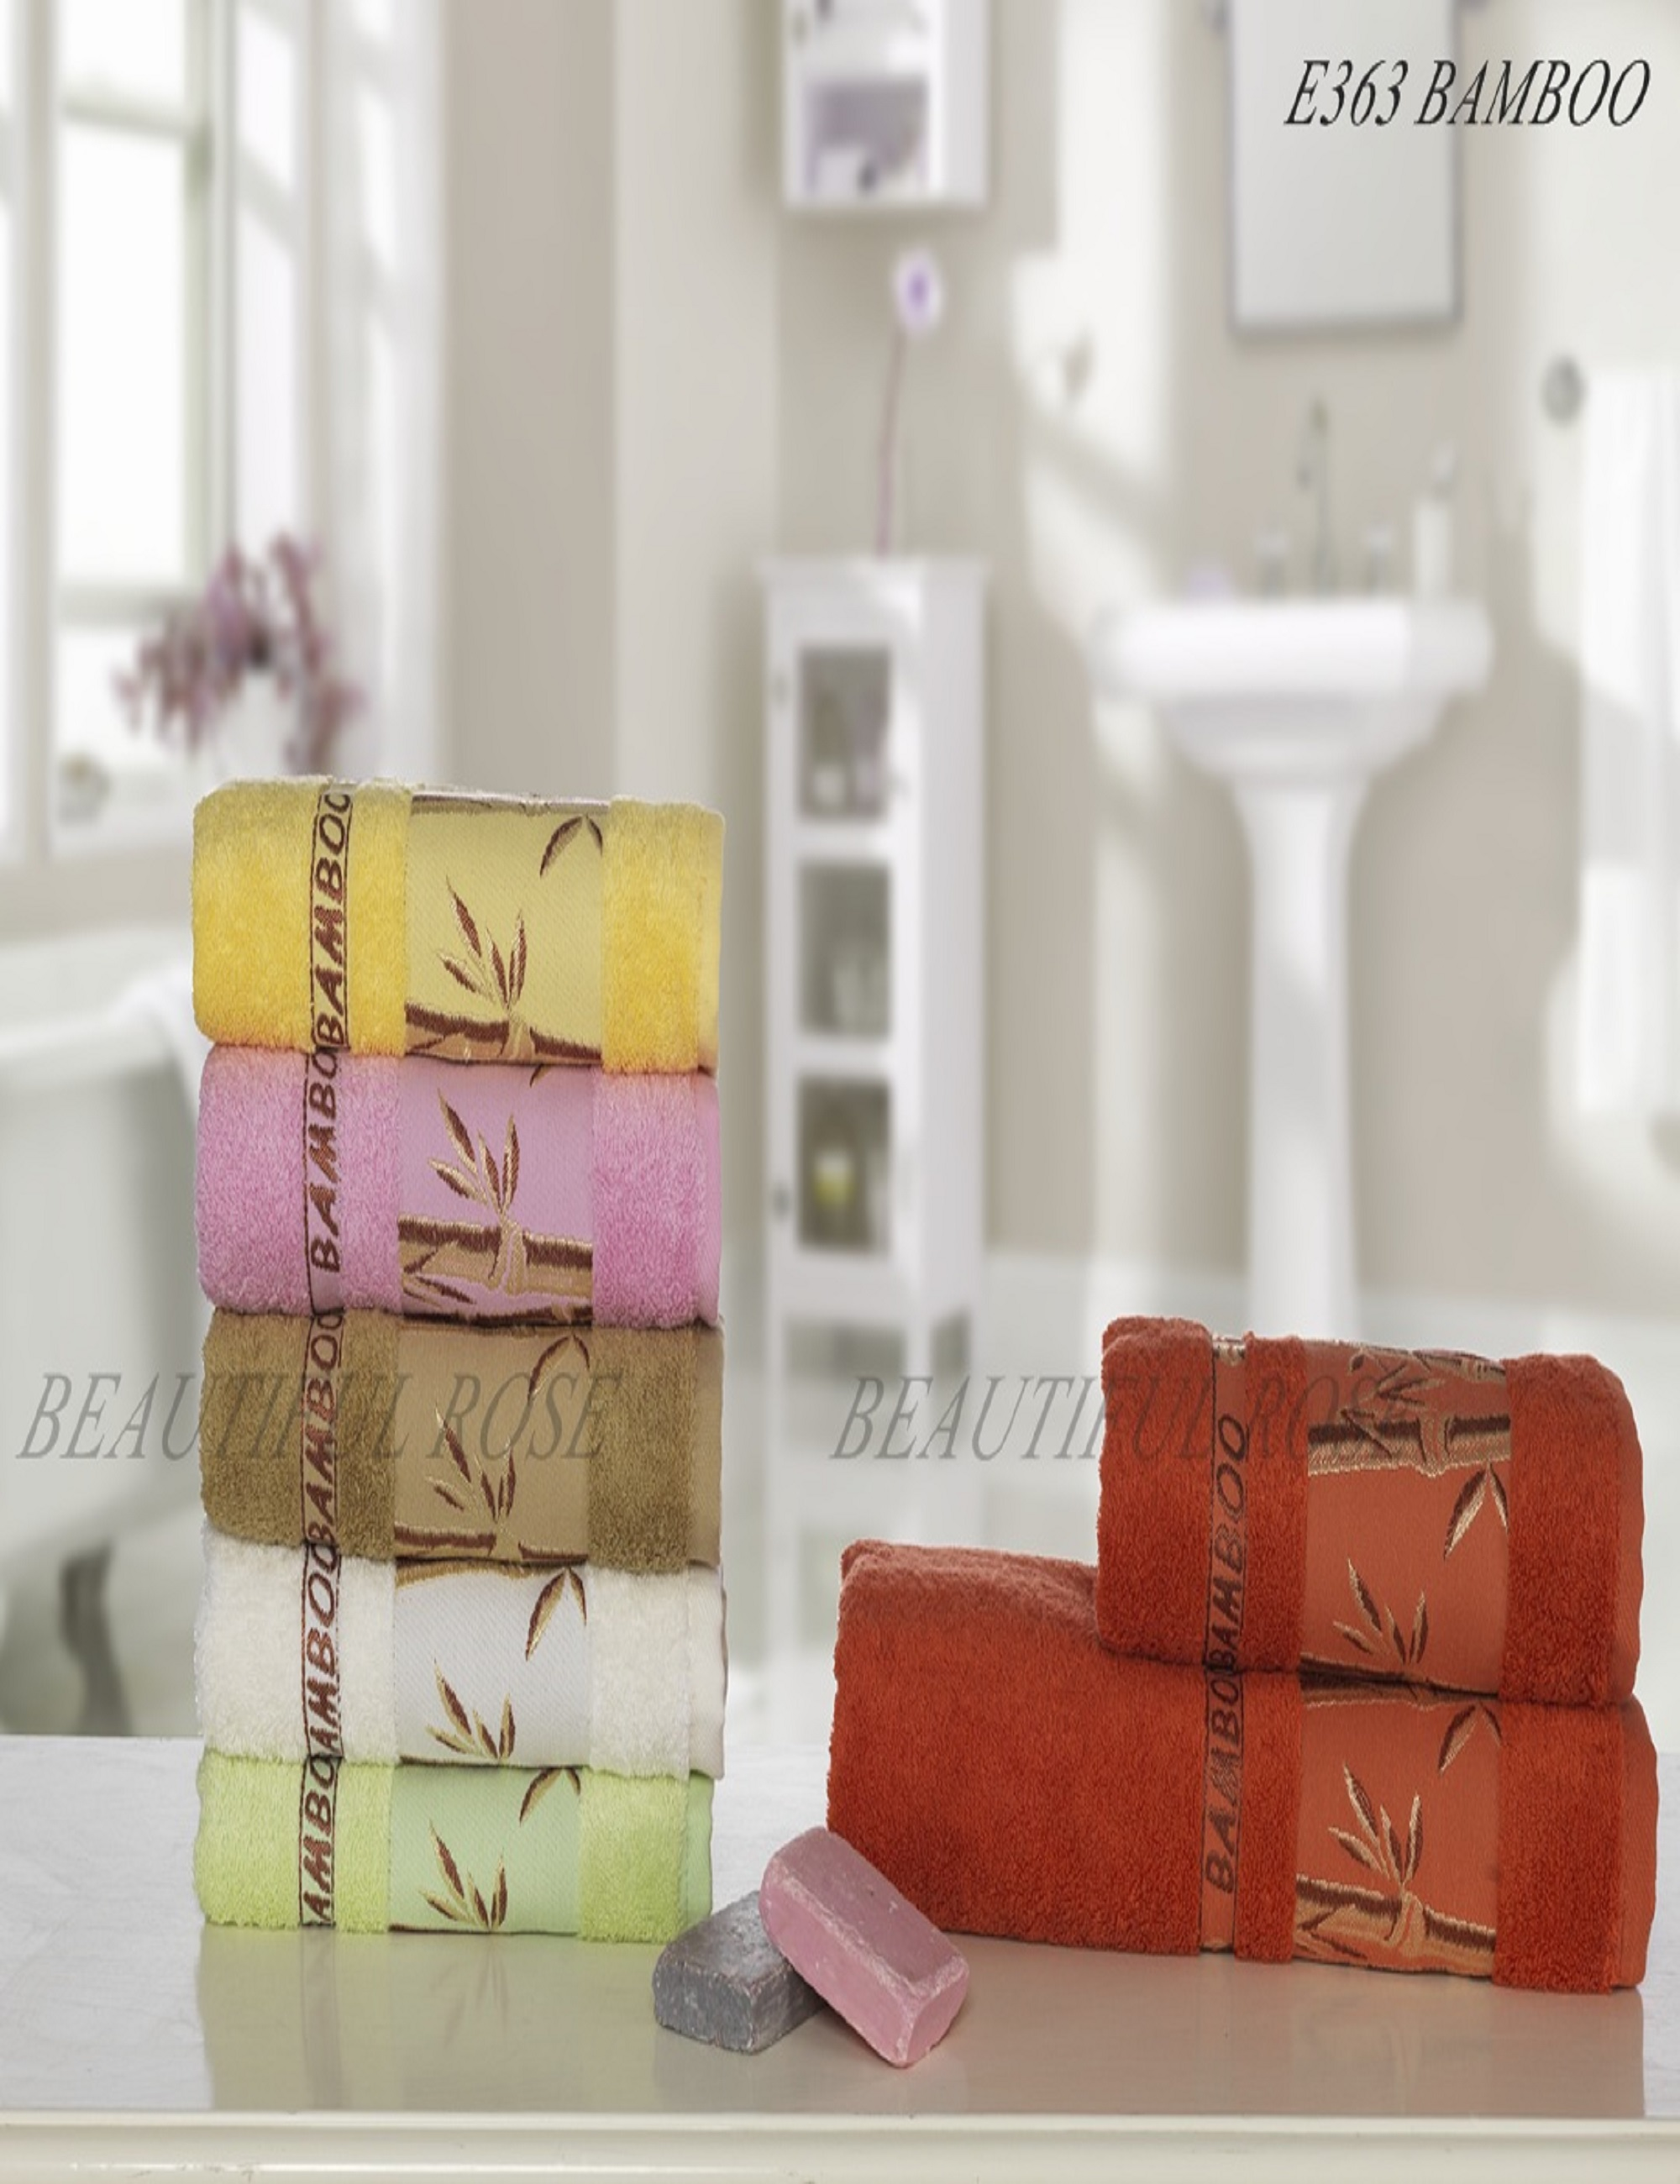 Полотенца Beautiful Rose Полотенце Sarai (50х90 см - 6 шт) набор из 3 полотенец merzuka sakura 50х90 2 70х140 8432 терракотовый